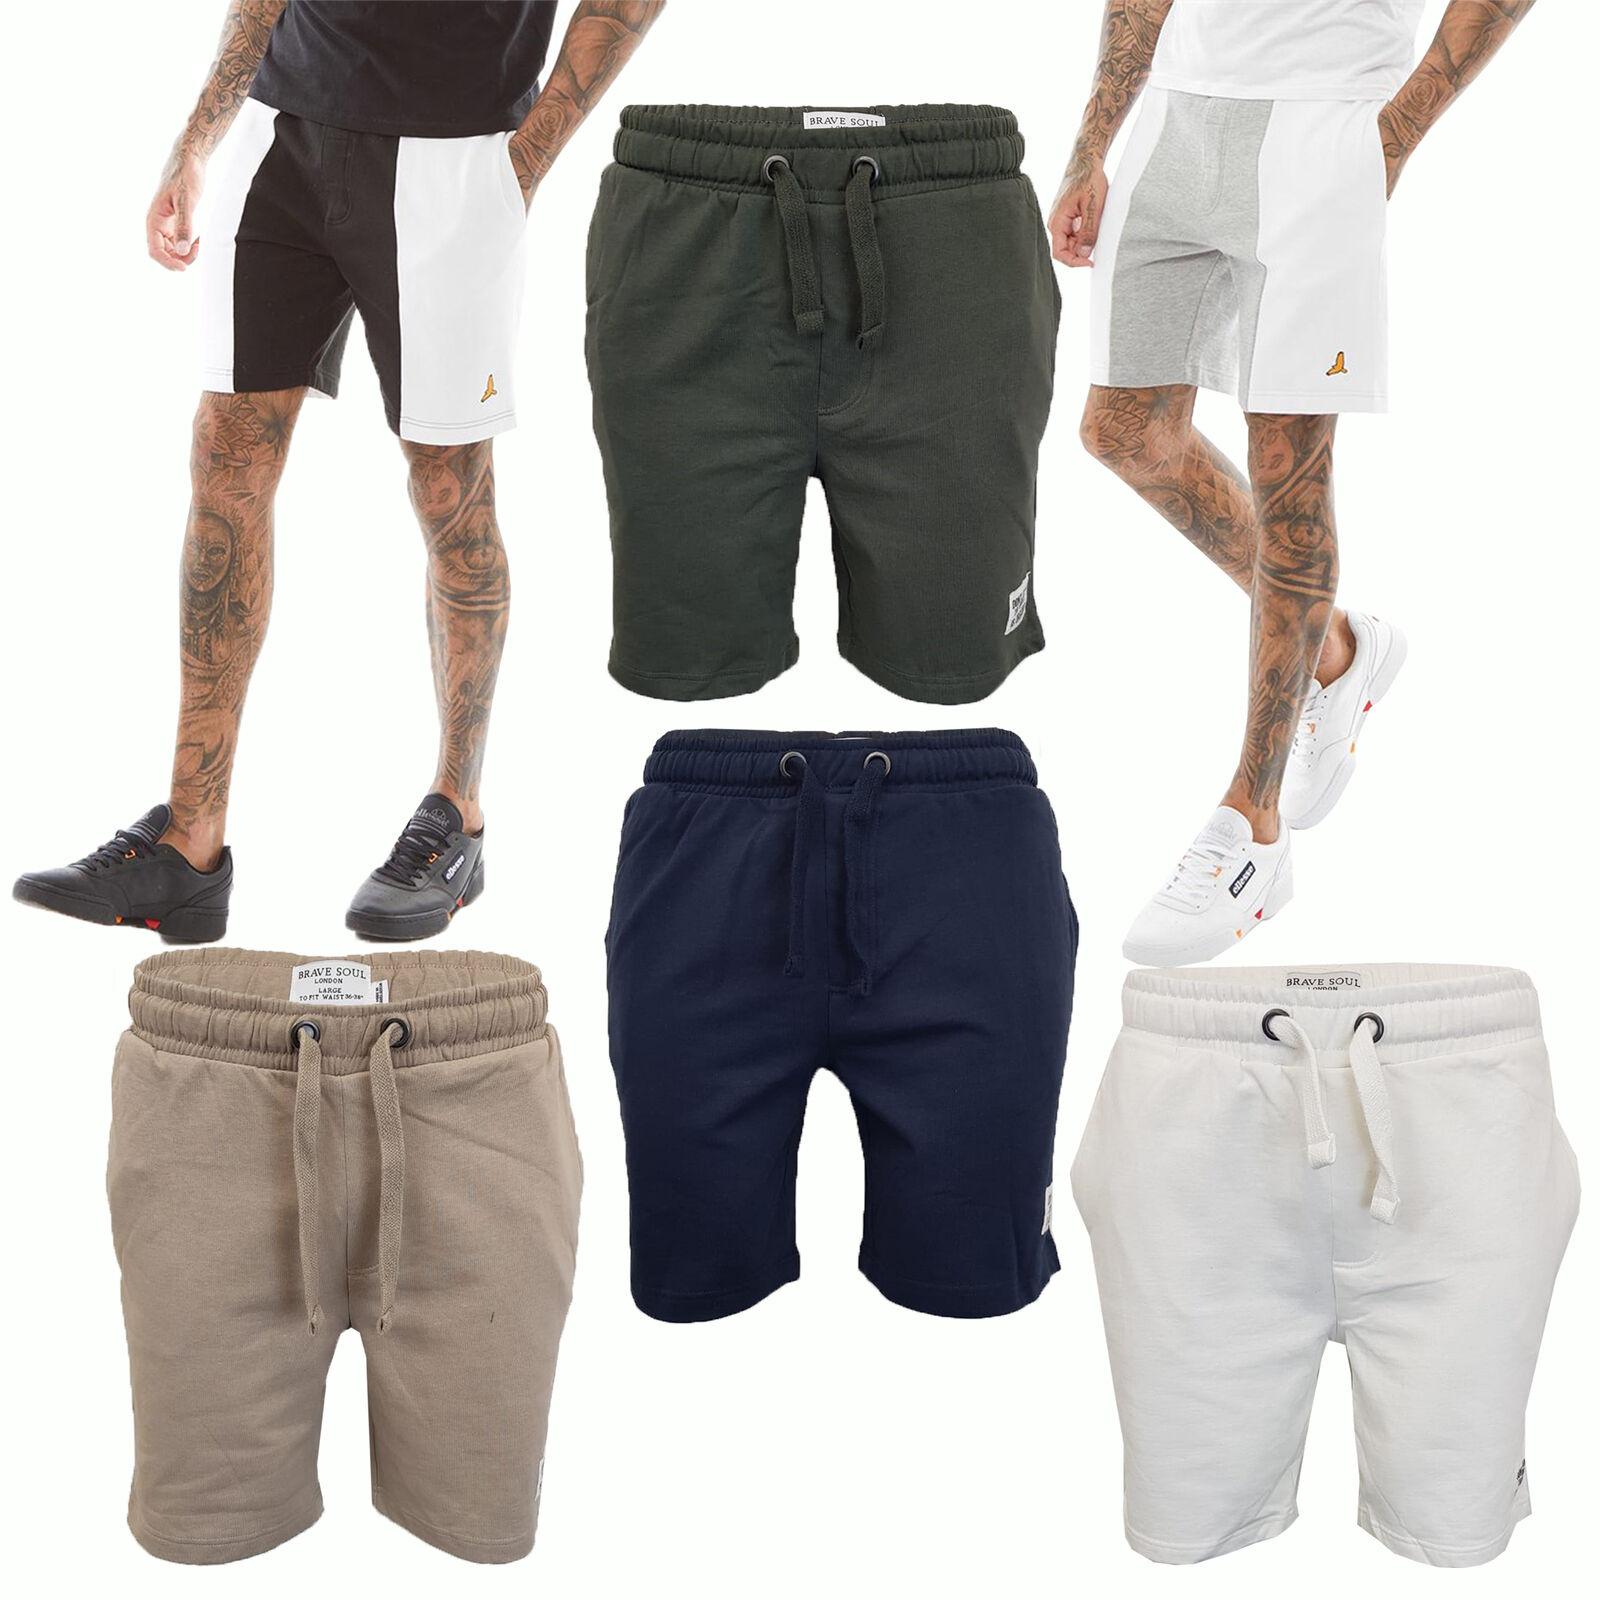 Men's Brave Soul Gym Jogger Shorts LOCUST Lounge Bottoms Cotton Pants Fashion New